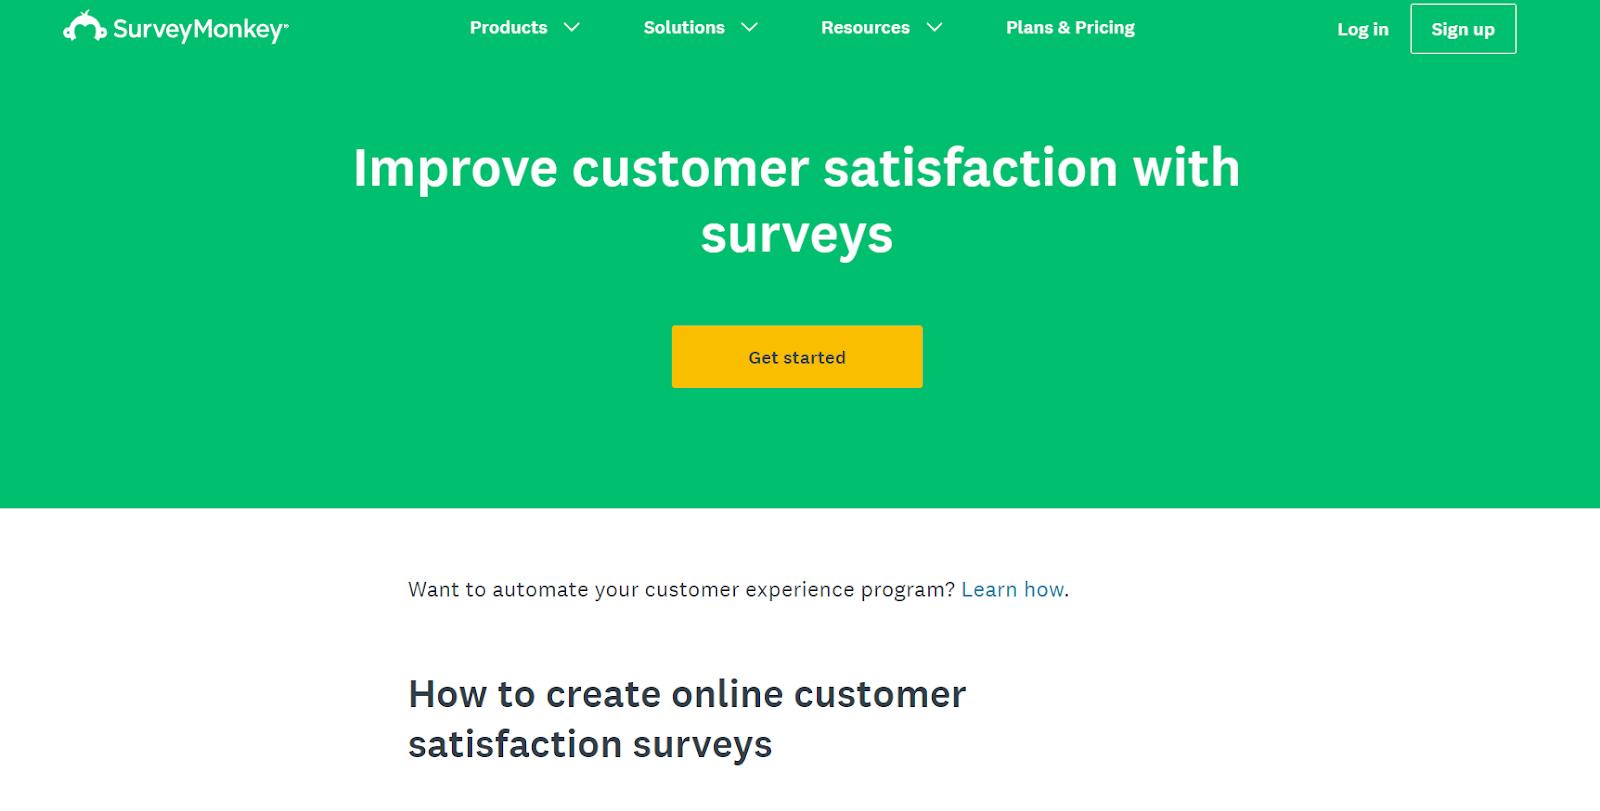 4 dolog, amit bizonyítanod kell a látogatónak az online értékesítés előtt